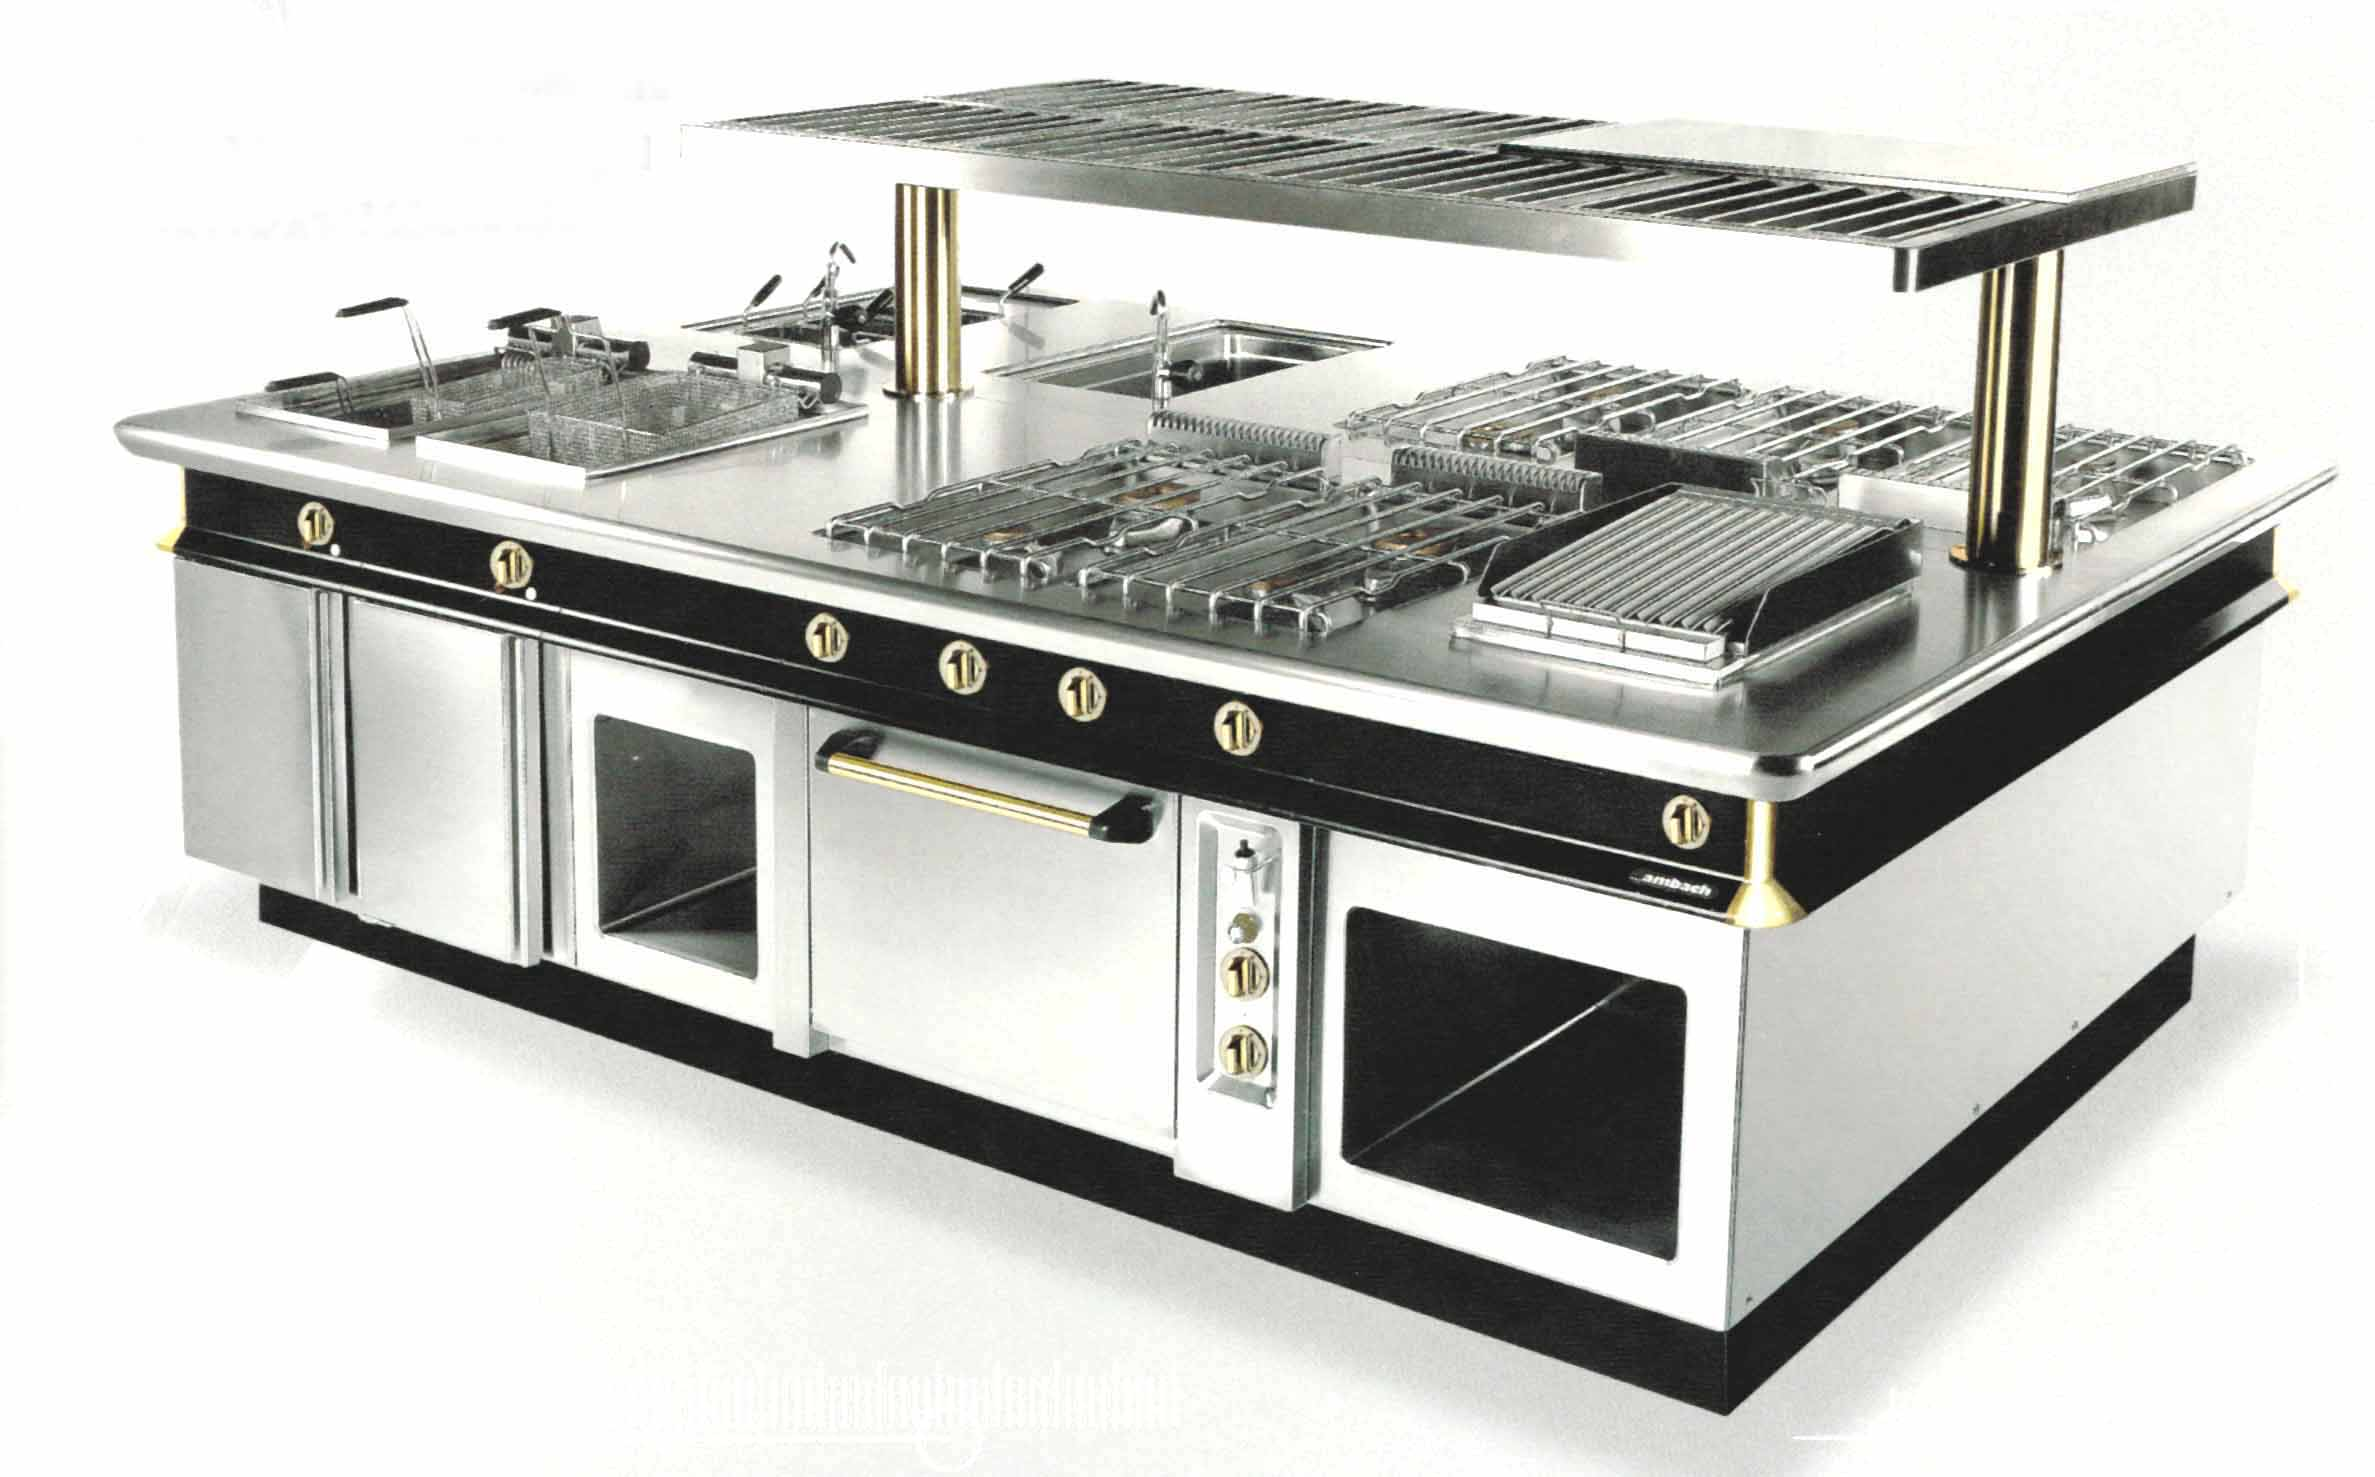 Arredamento ristoranti milano cucine professionali milano for Arredamento ristorante fallimenti